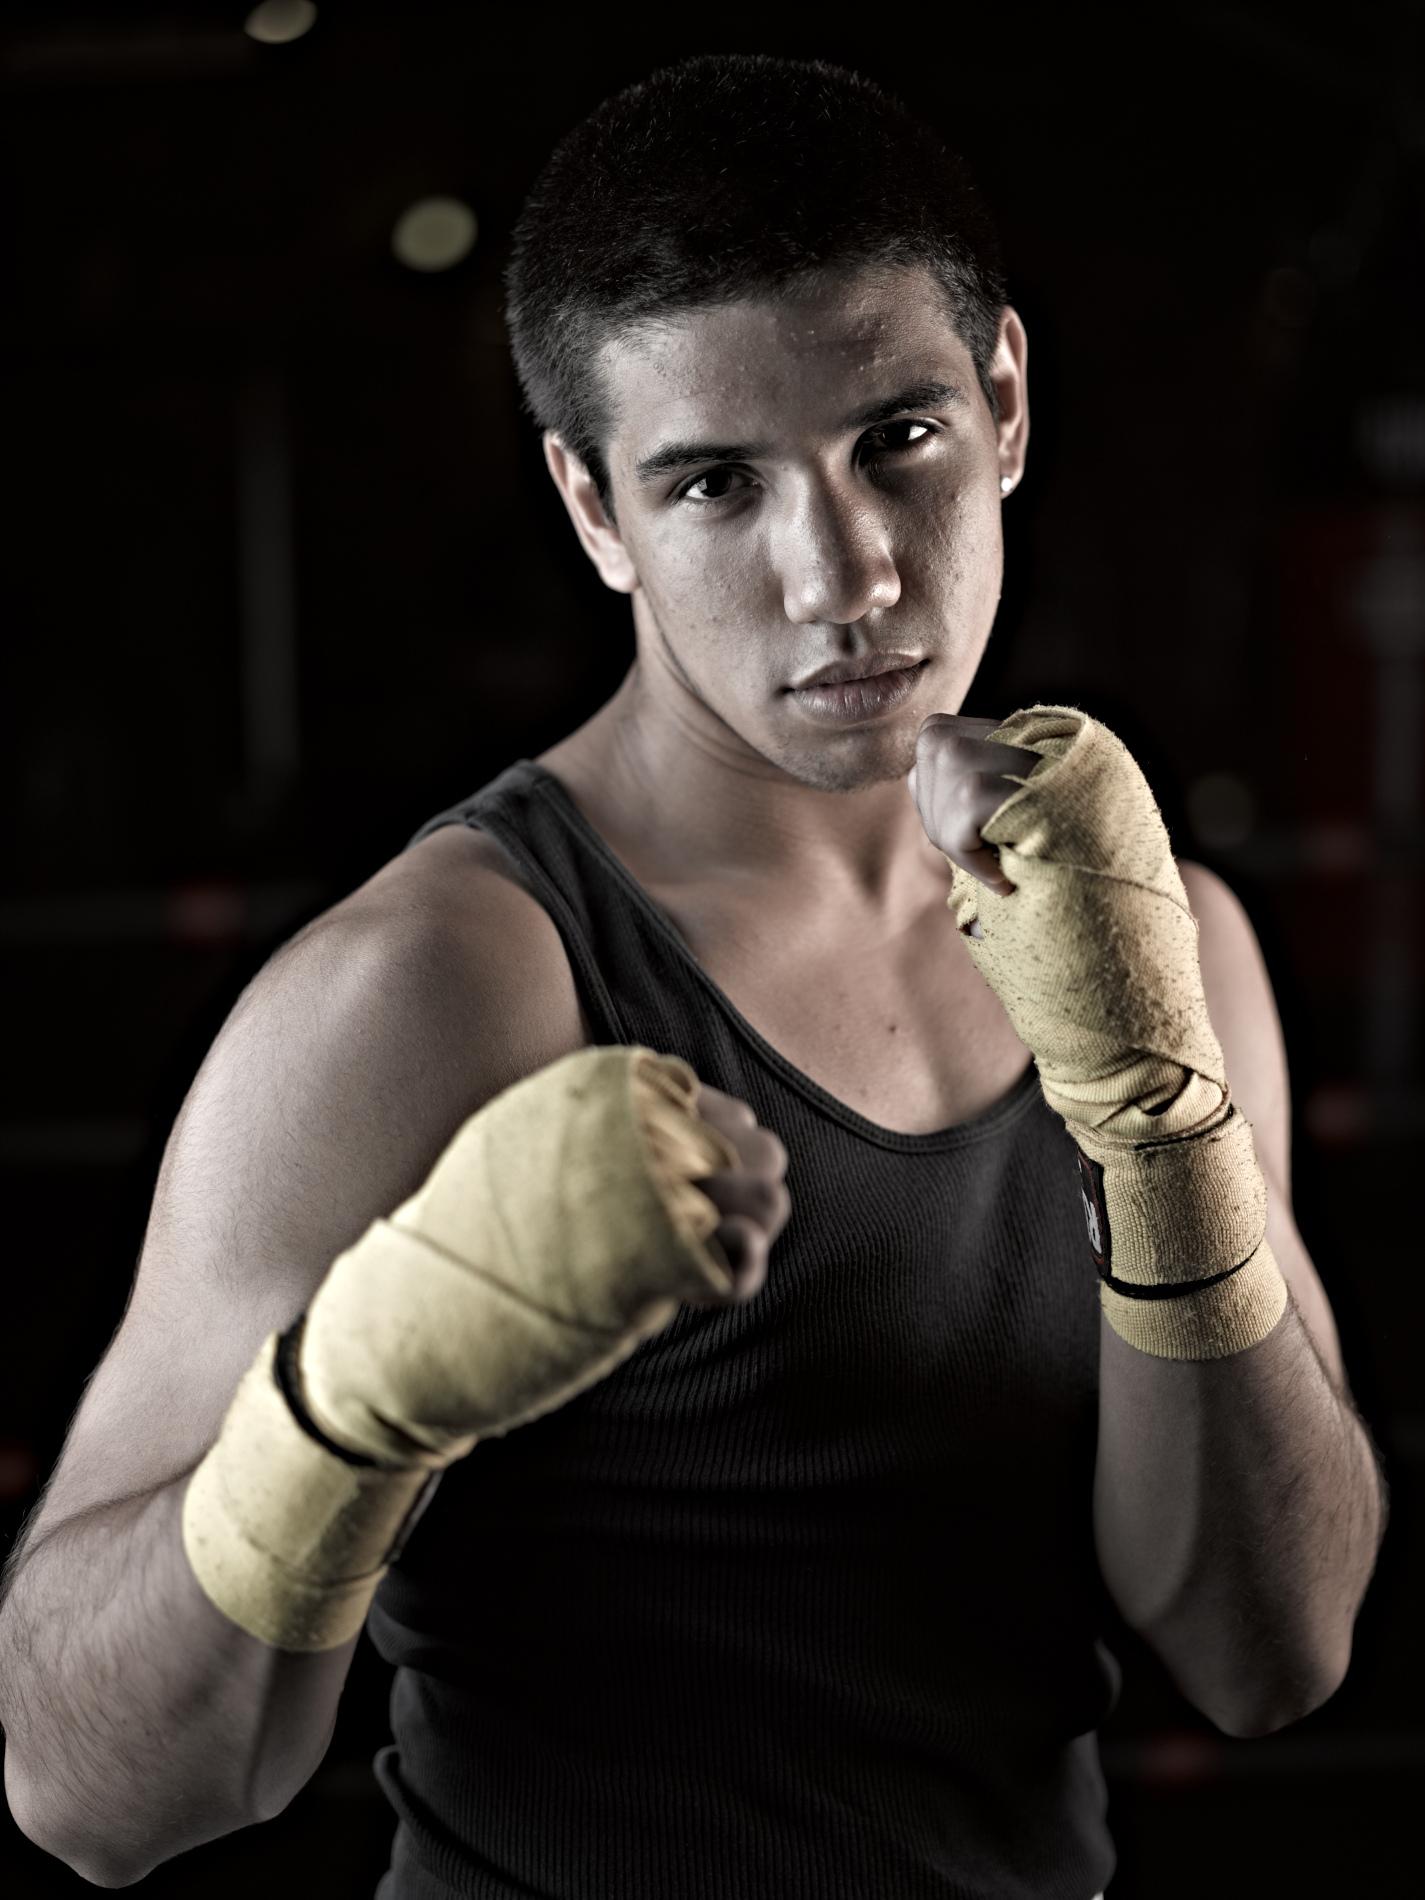 Commercial_Portrait_Photography_Boxer_001